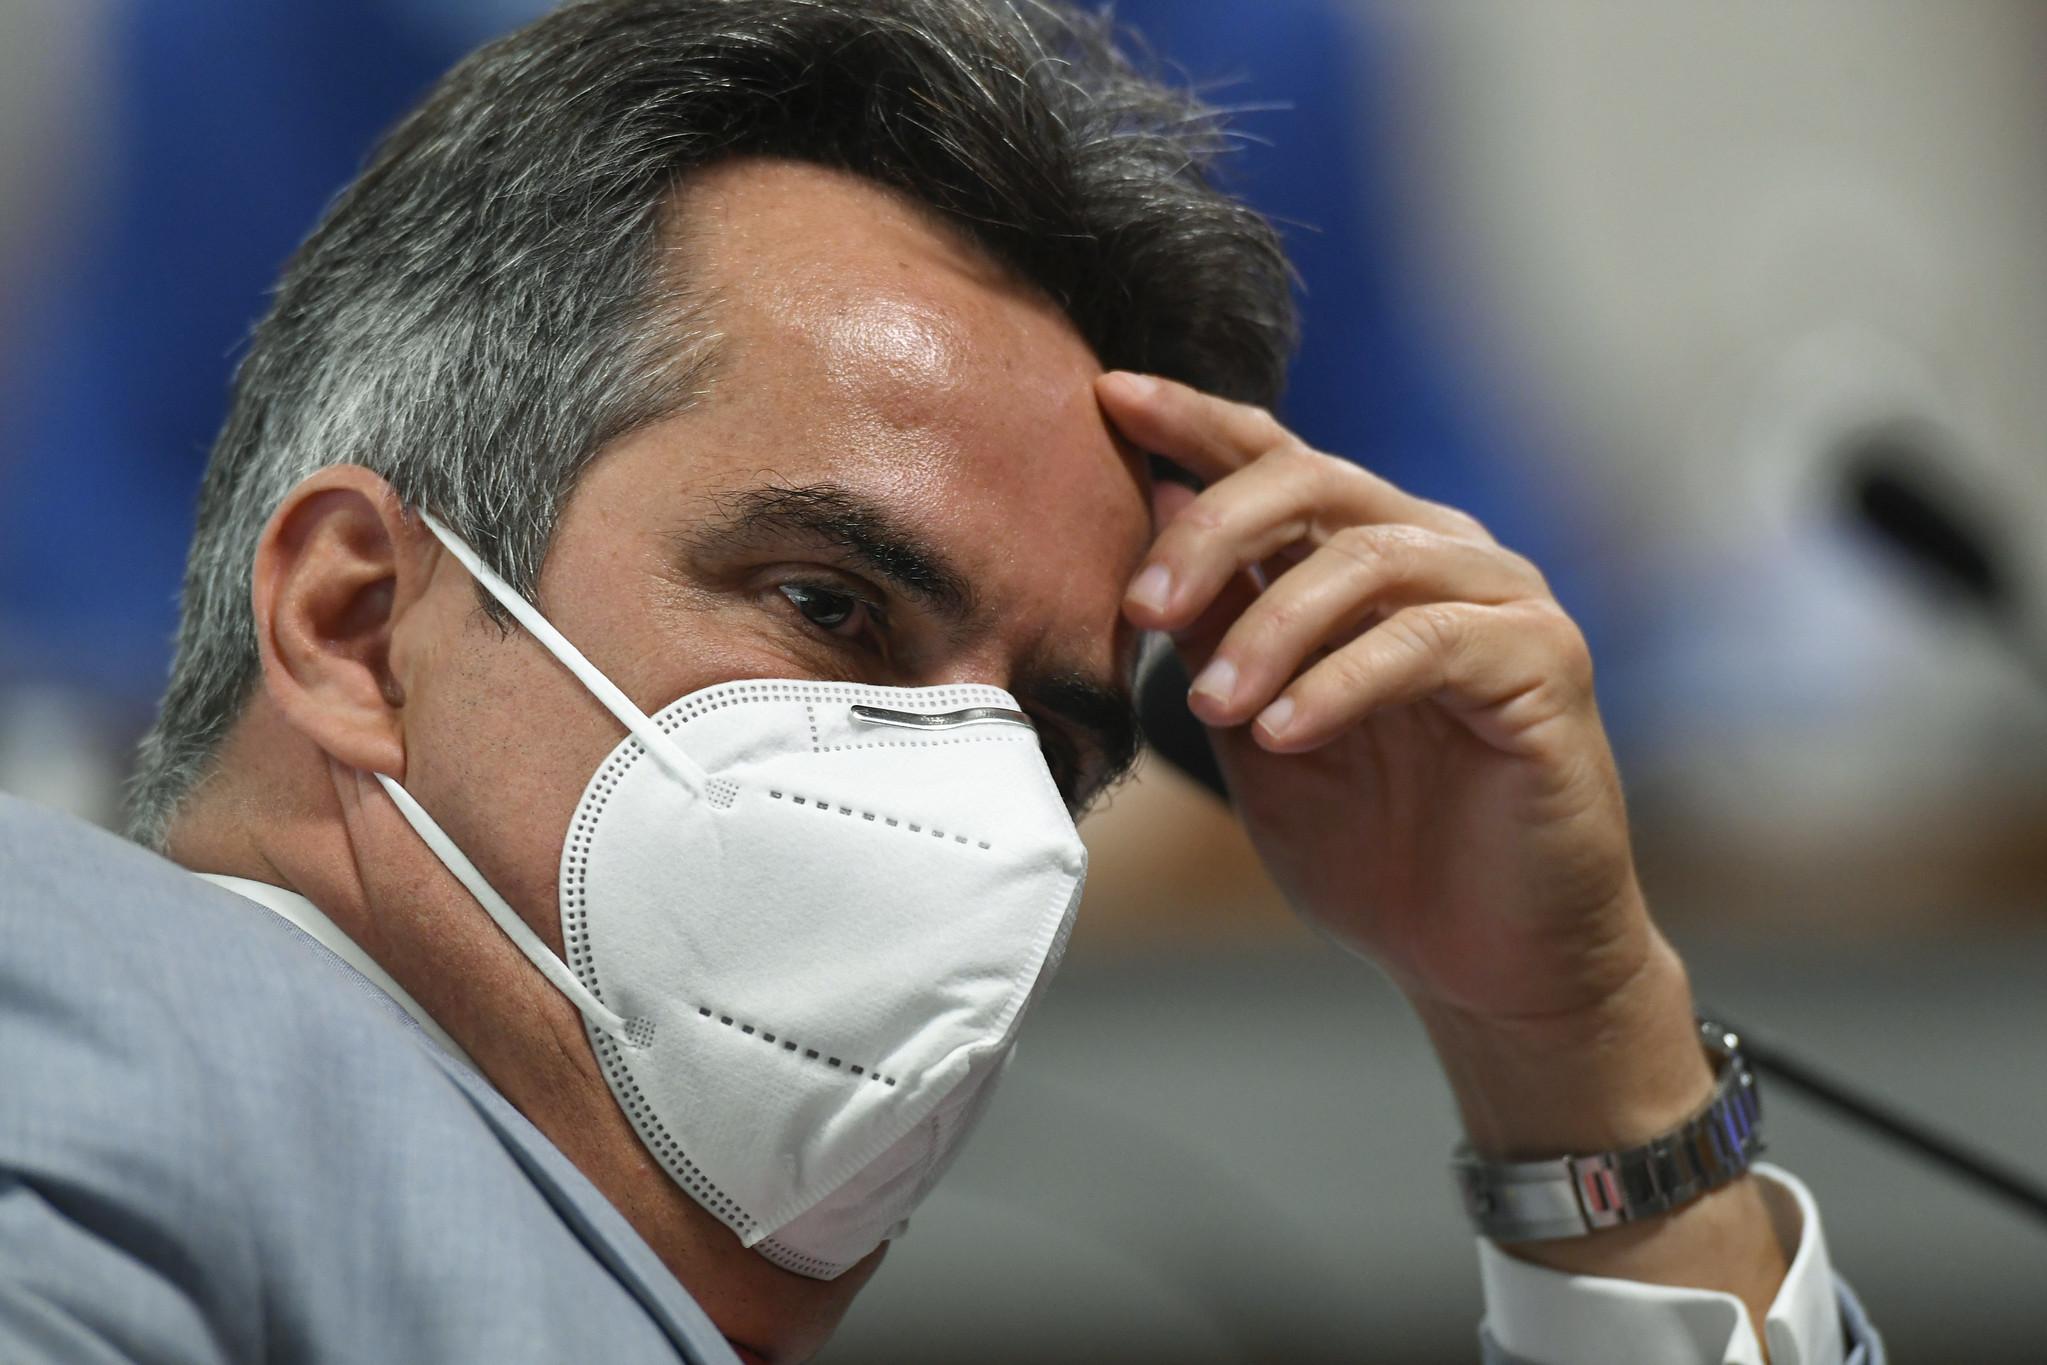 IMAGEM: Ciro Nogueira é investigado em dois inquéritos sigilosos da PF